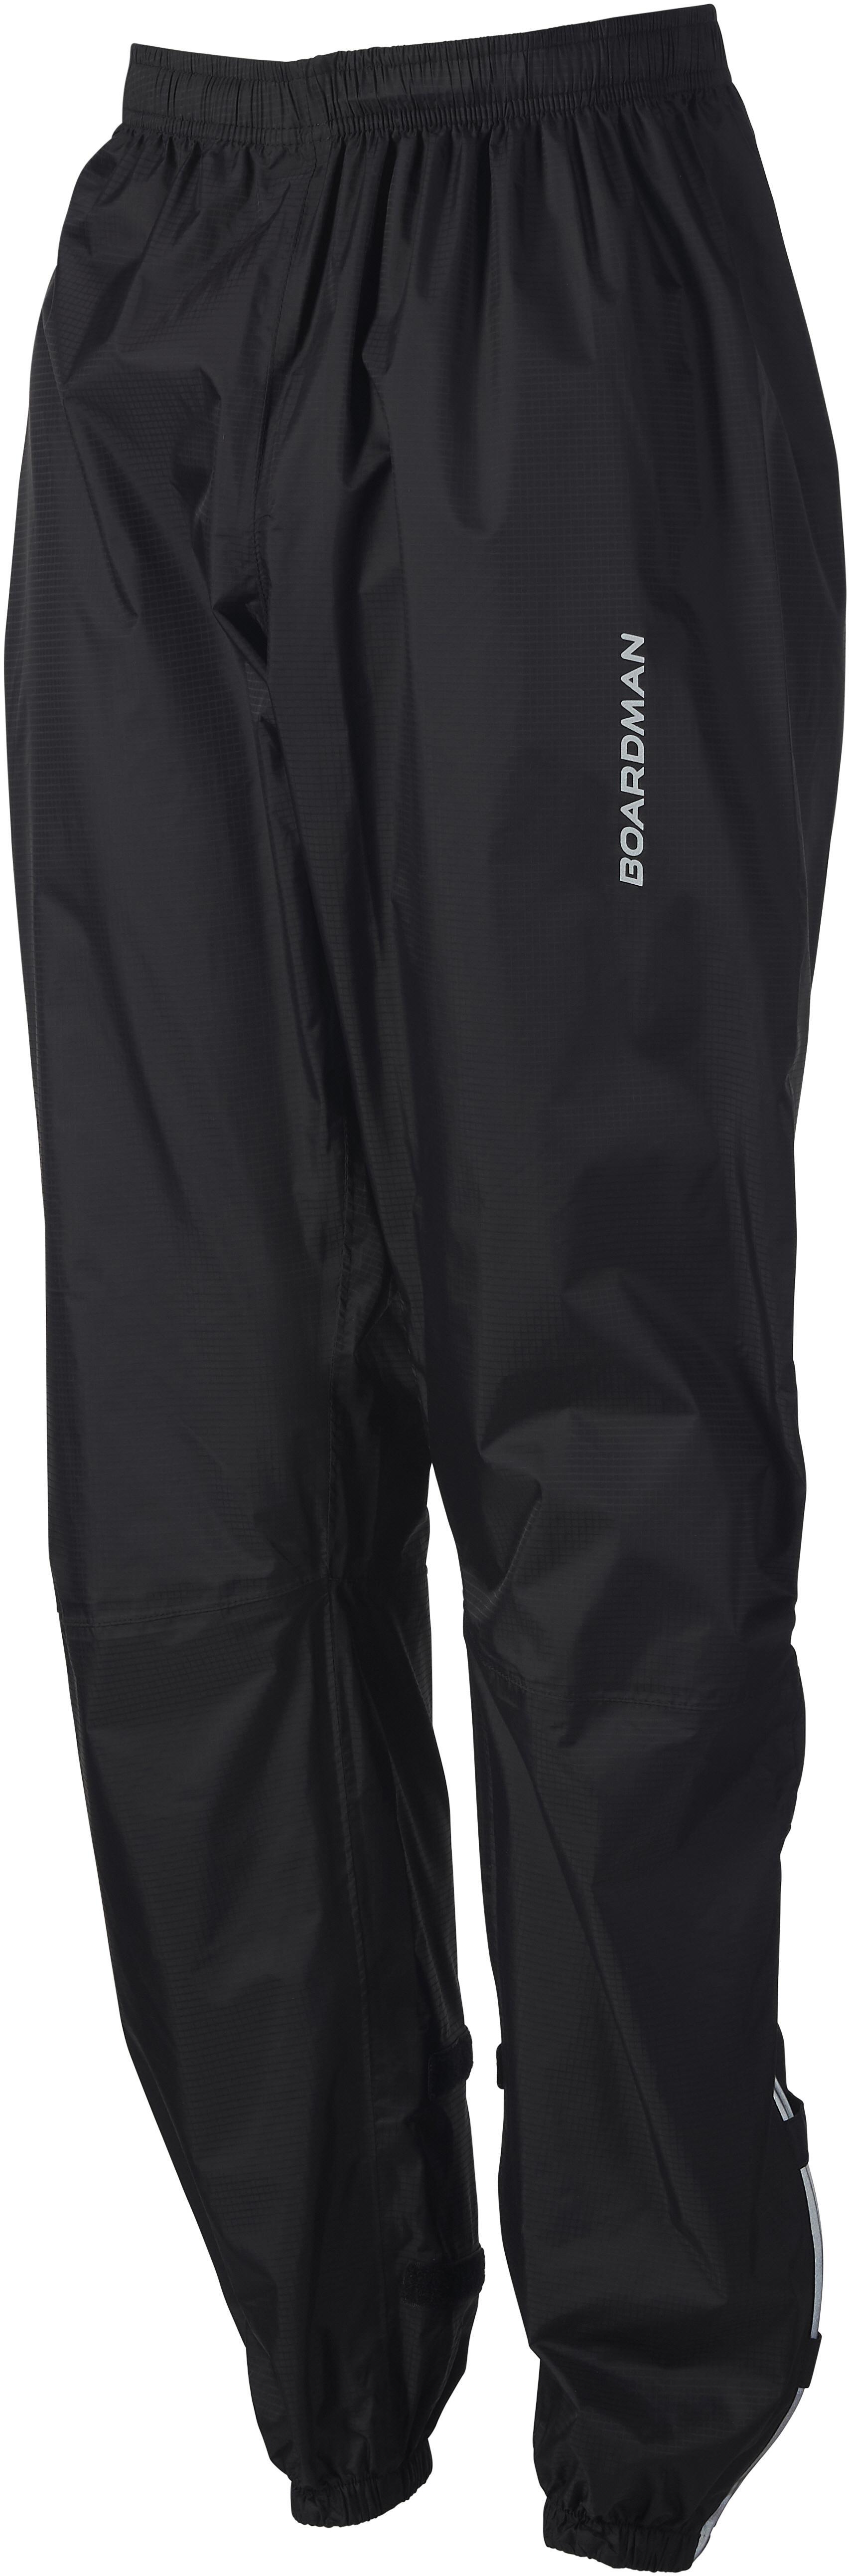 9f00b76b883534 Boardman Unisex Waterproof Fabric Velcro Leg Over Trousers Pants ...